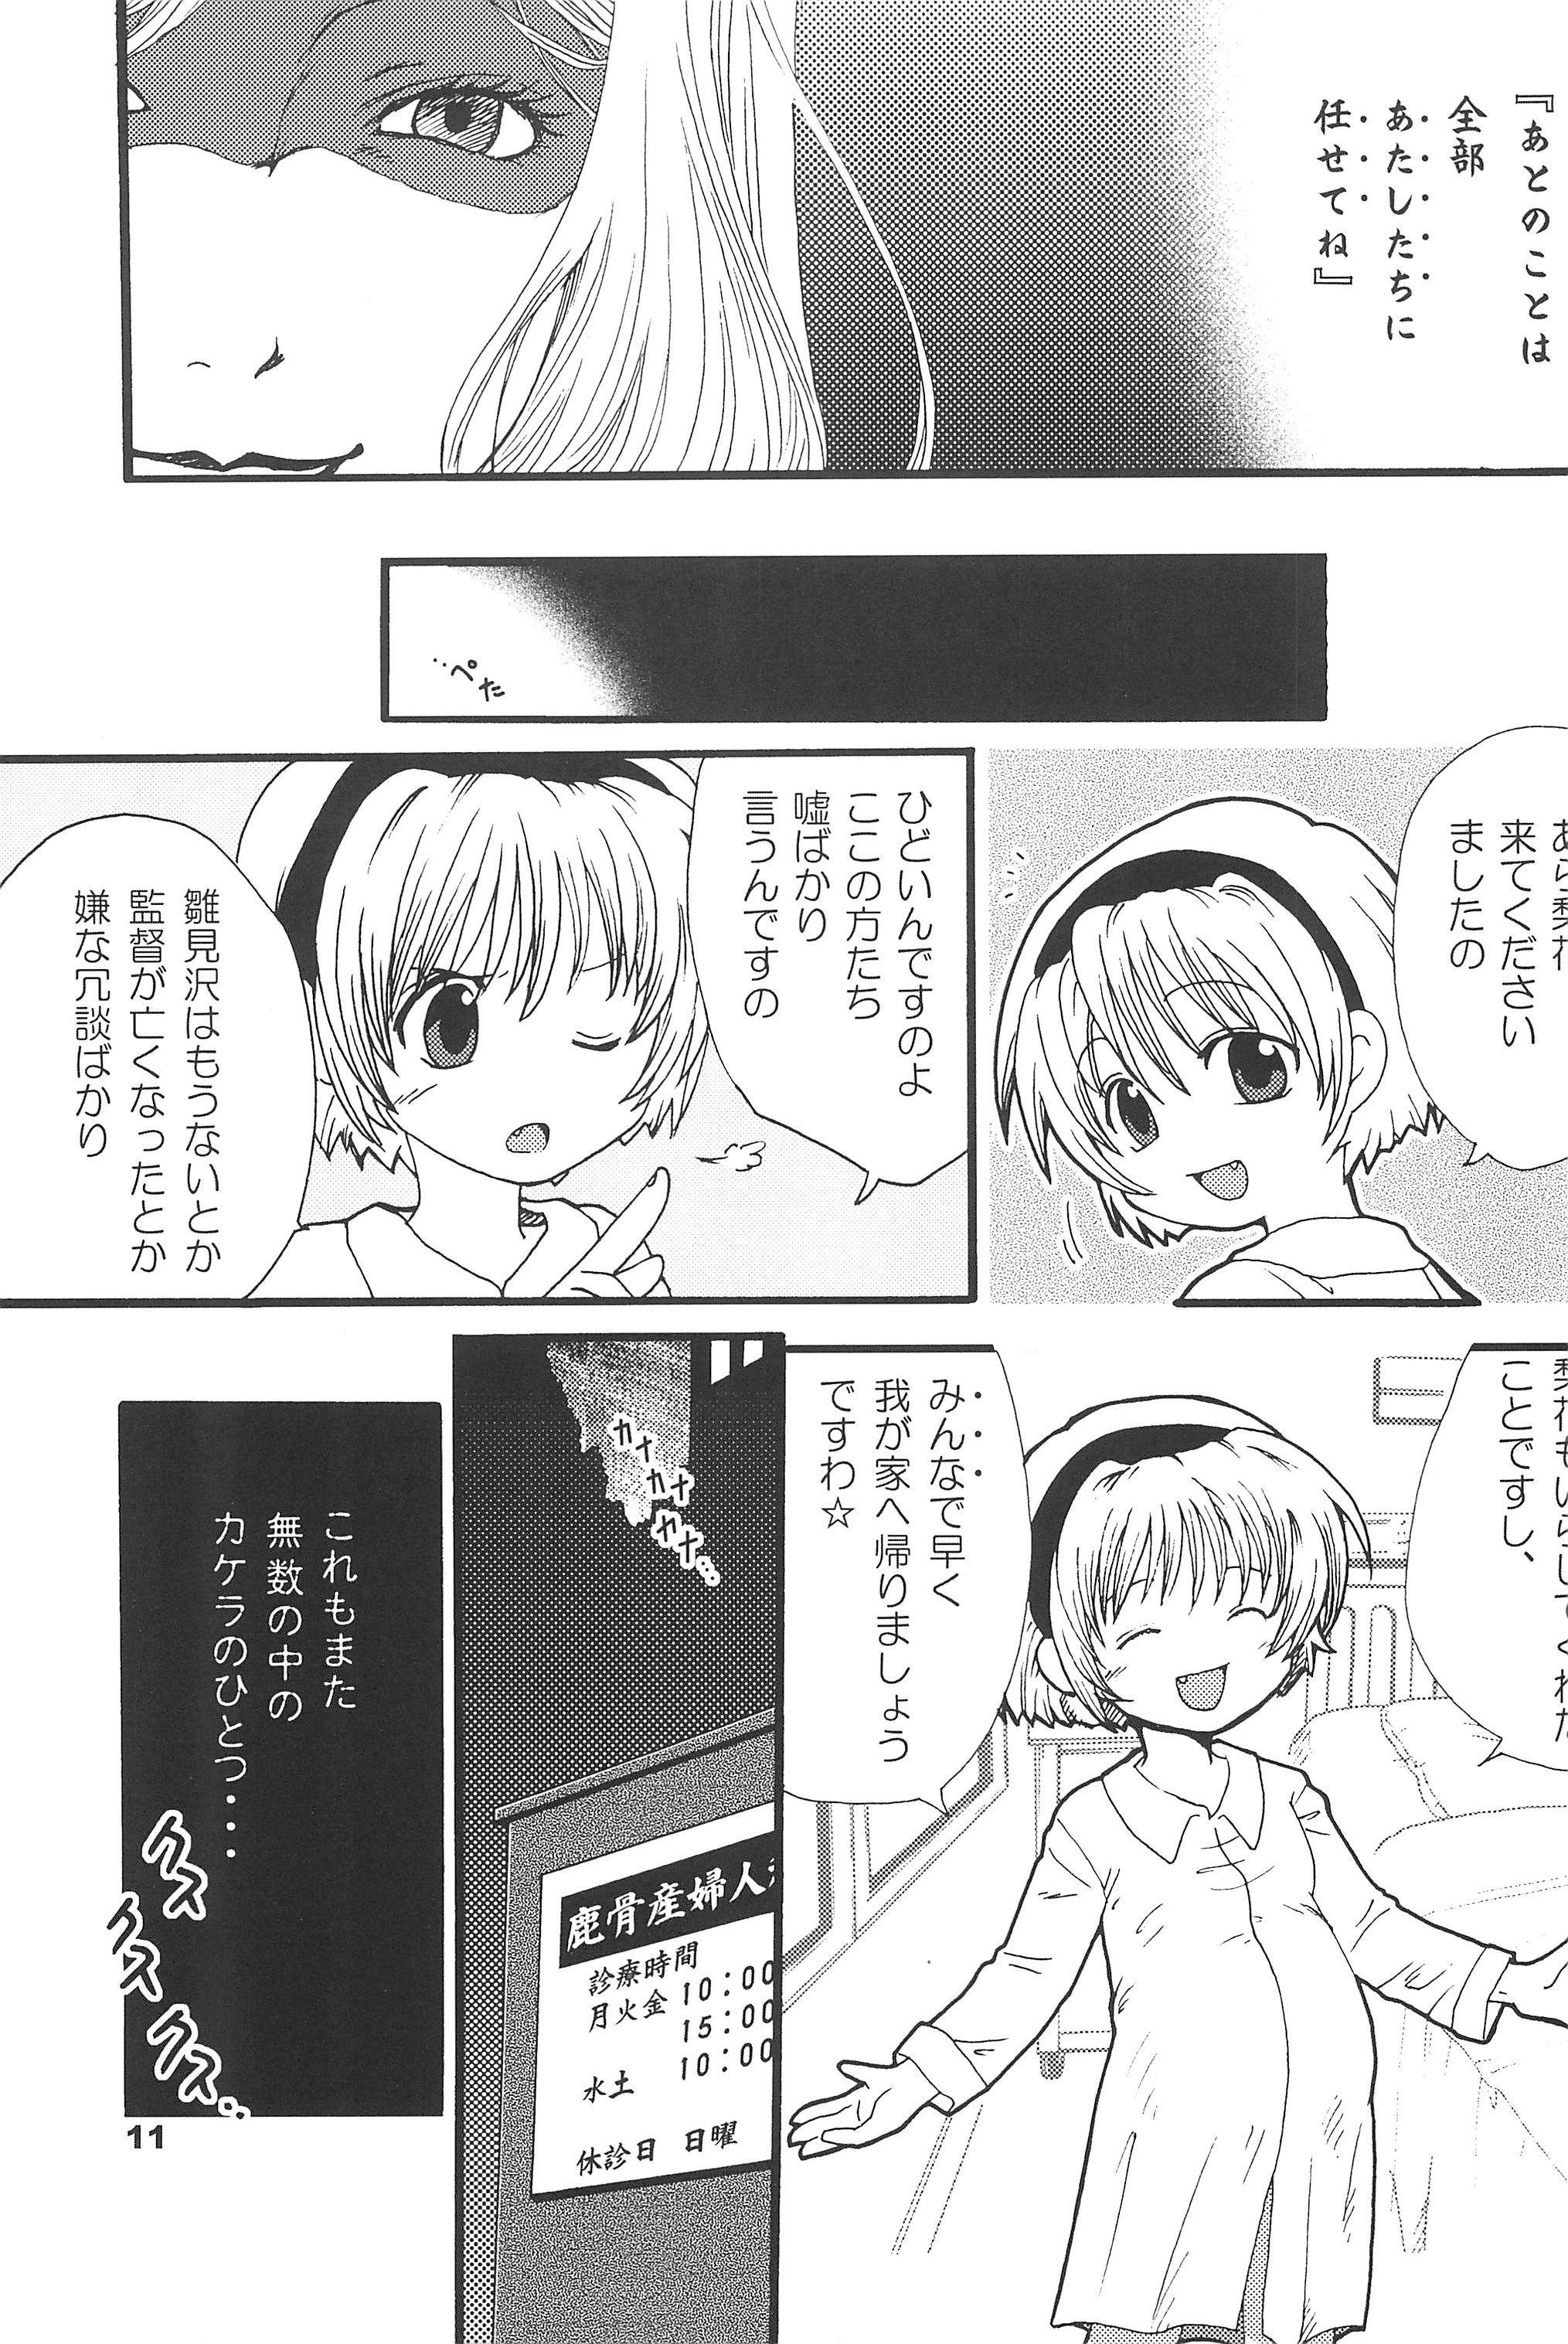 (C73) [Yakou Yousei (Mizuki Yuu)] Higurashi no Koe, Ima wa Tae Kai - Onimawashi-hen (Higurashi no naku koro ni) 10